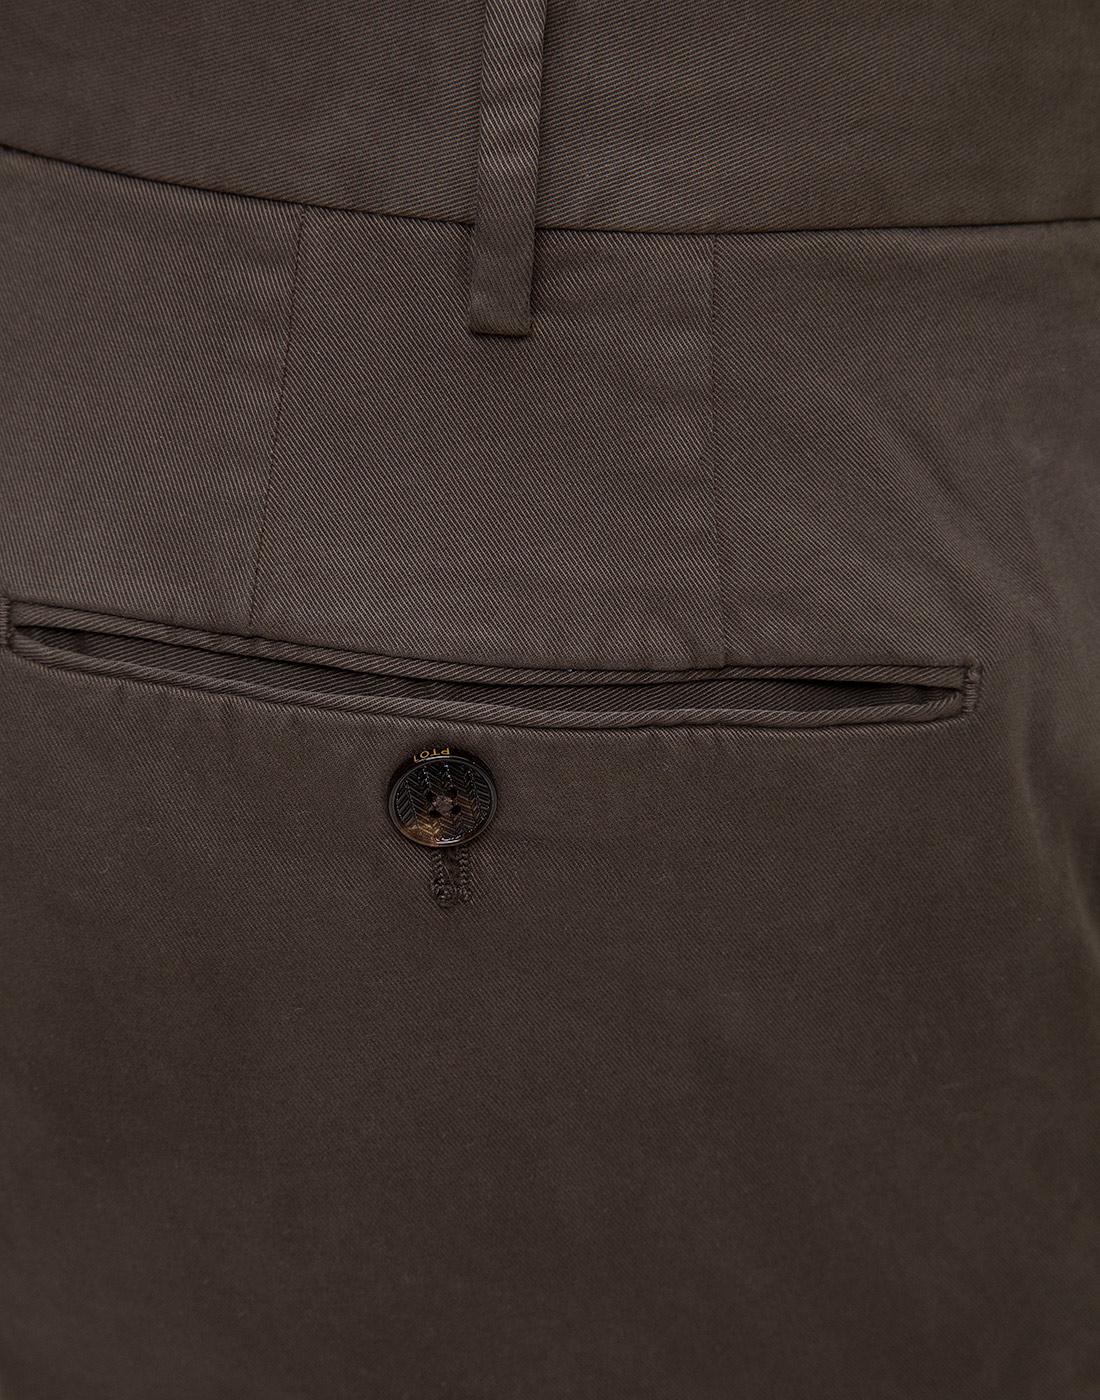 Мужские коричневые чиносы PT STT02 0180-6